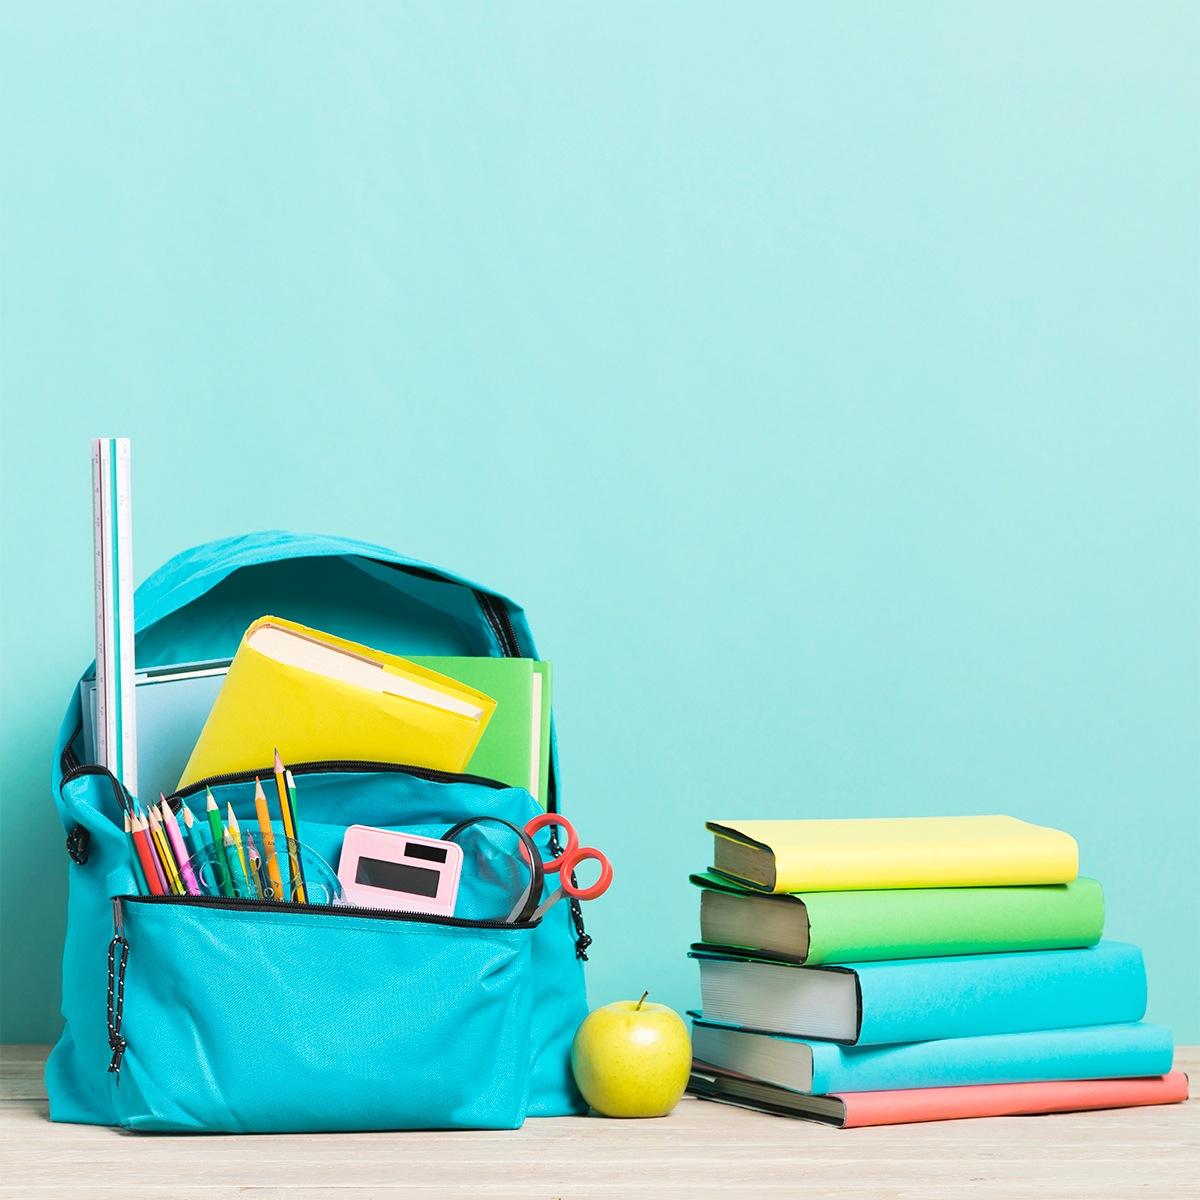 Estudiantes cumplen las actividades académicas en línea desde sus hogares